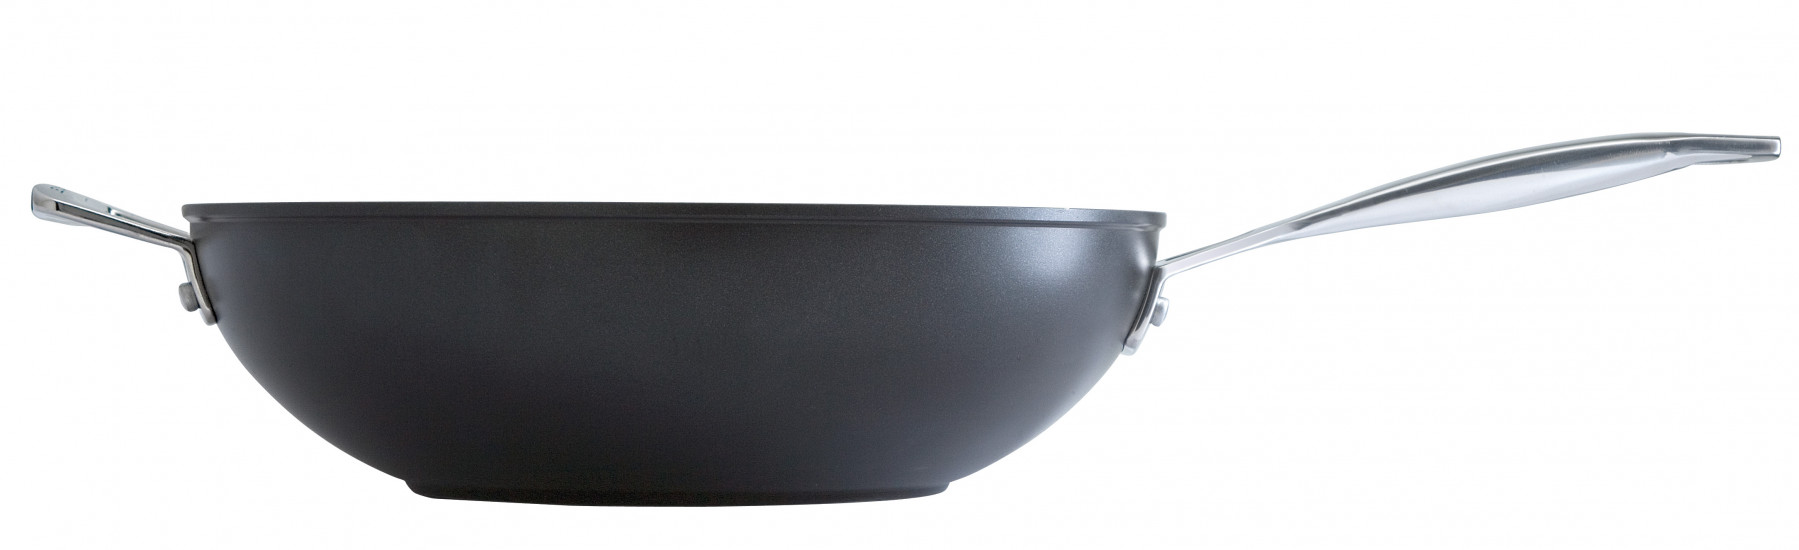 Le Creuset Aluminium-Wok-Pfanne 30 cm mit Gegengriff